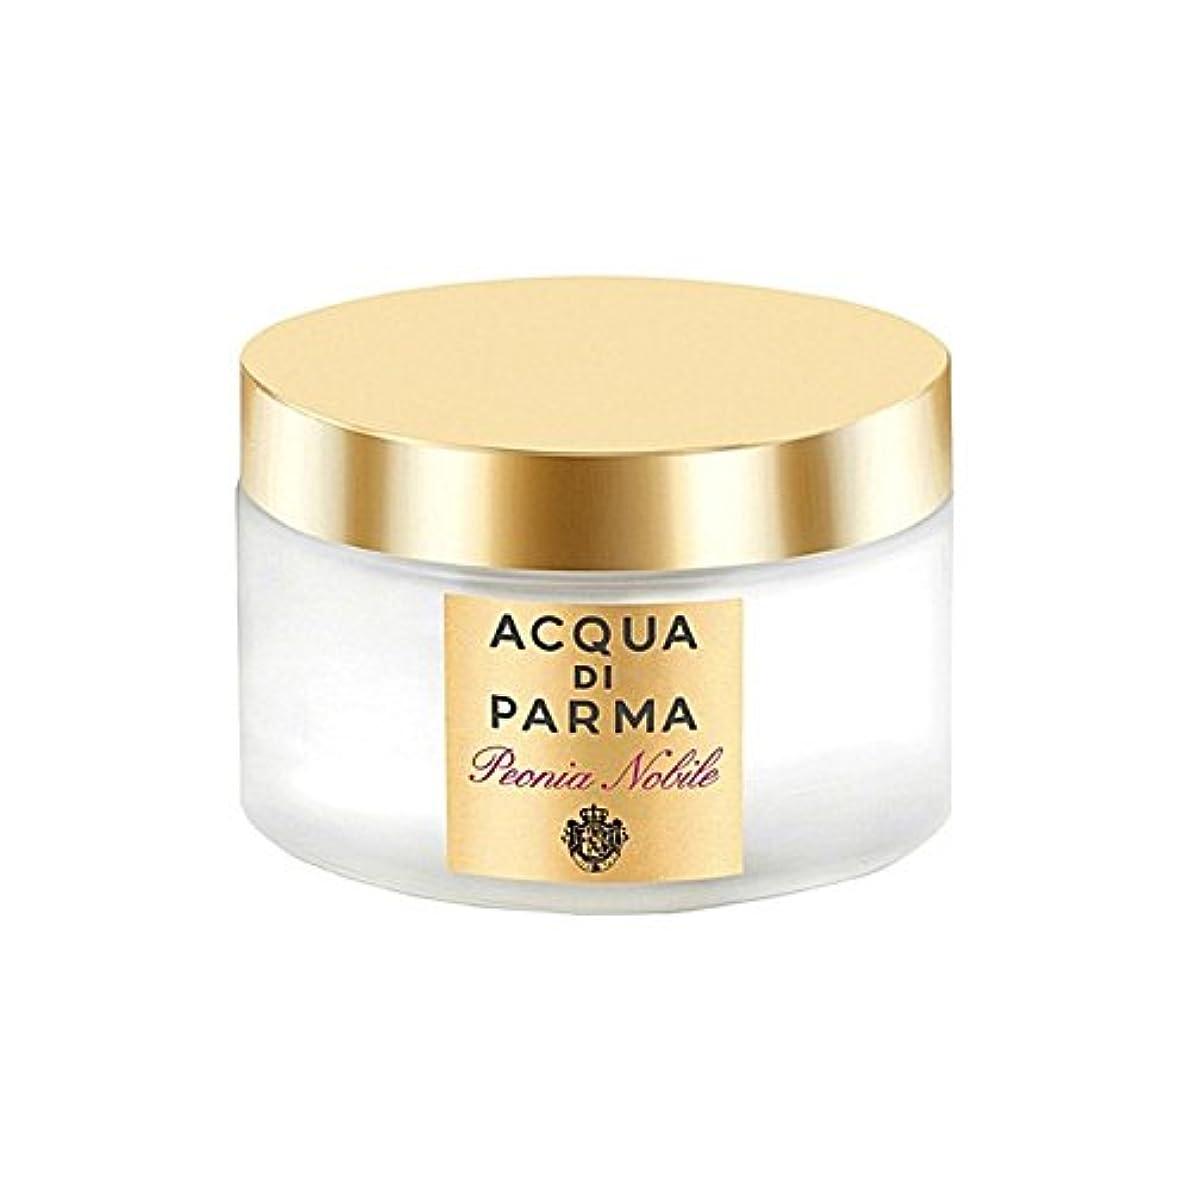 慢なブローホールAcqua Di Parma Peonia Nobile Body Cream 150ml - アクアディパルマノビレボディクリーム150ミリリットル [並行輸入品]